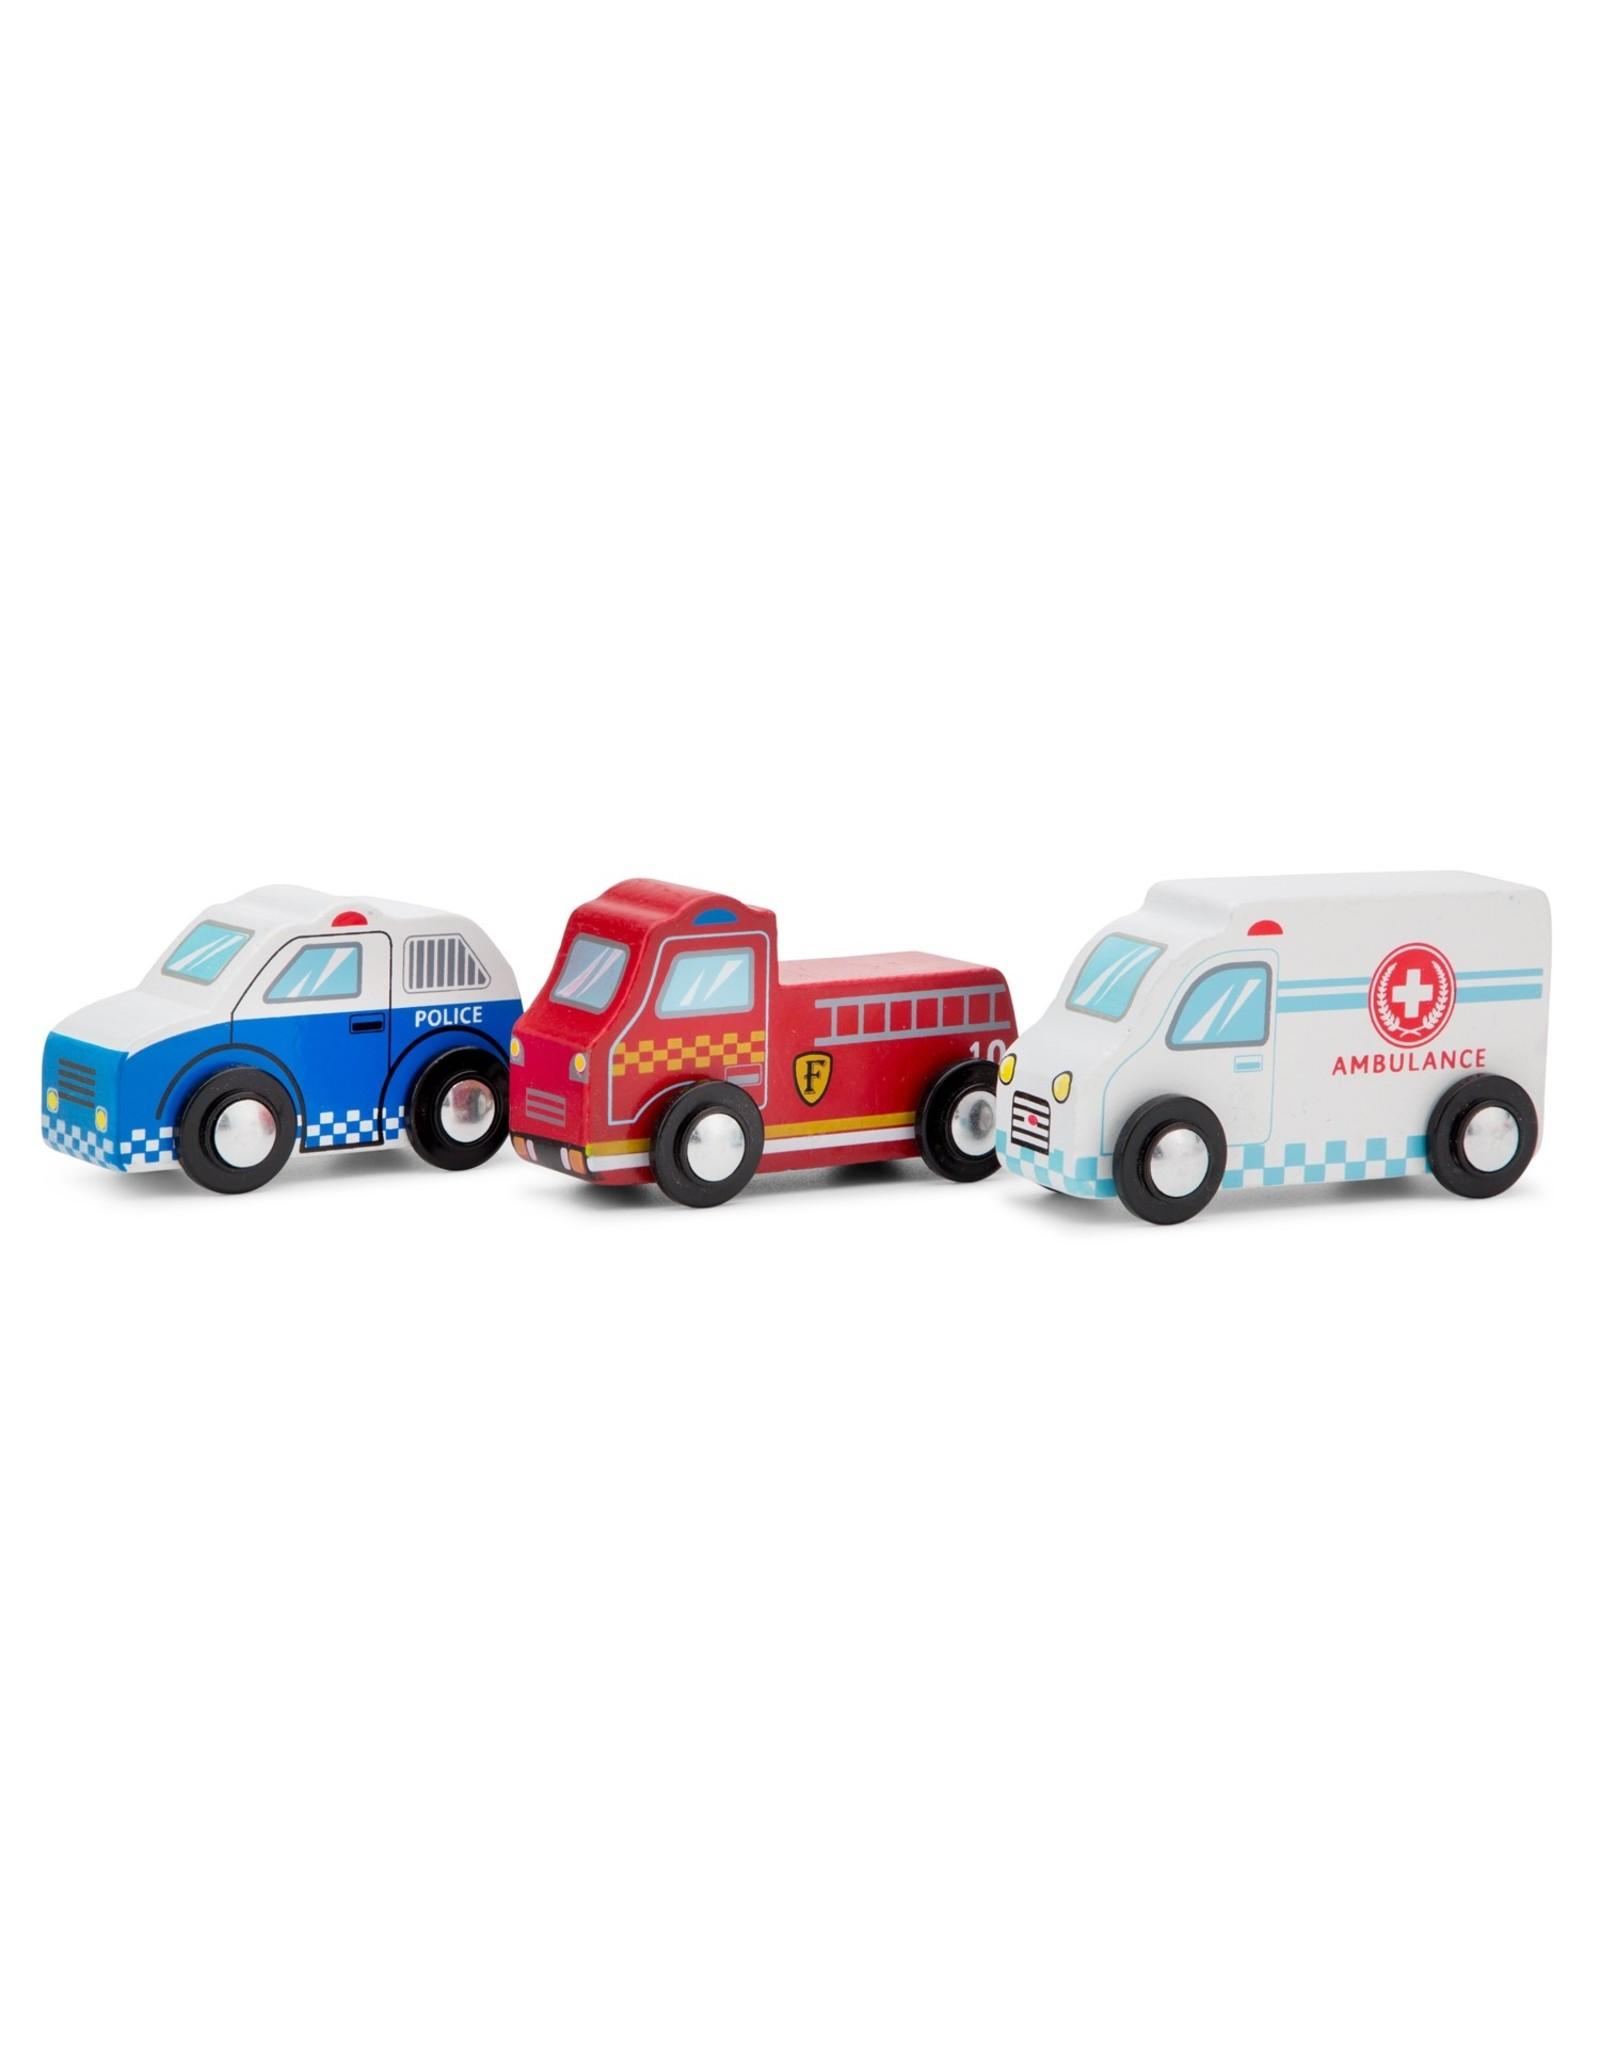 New Classic Toys - Speelgoedvoertuigen Set - 4 Auto's